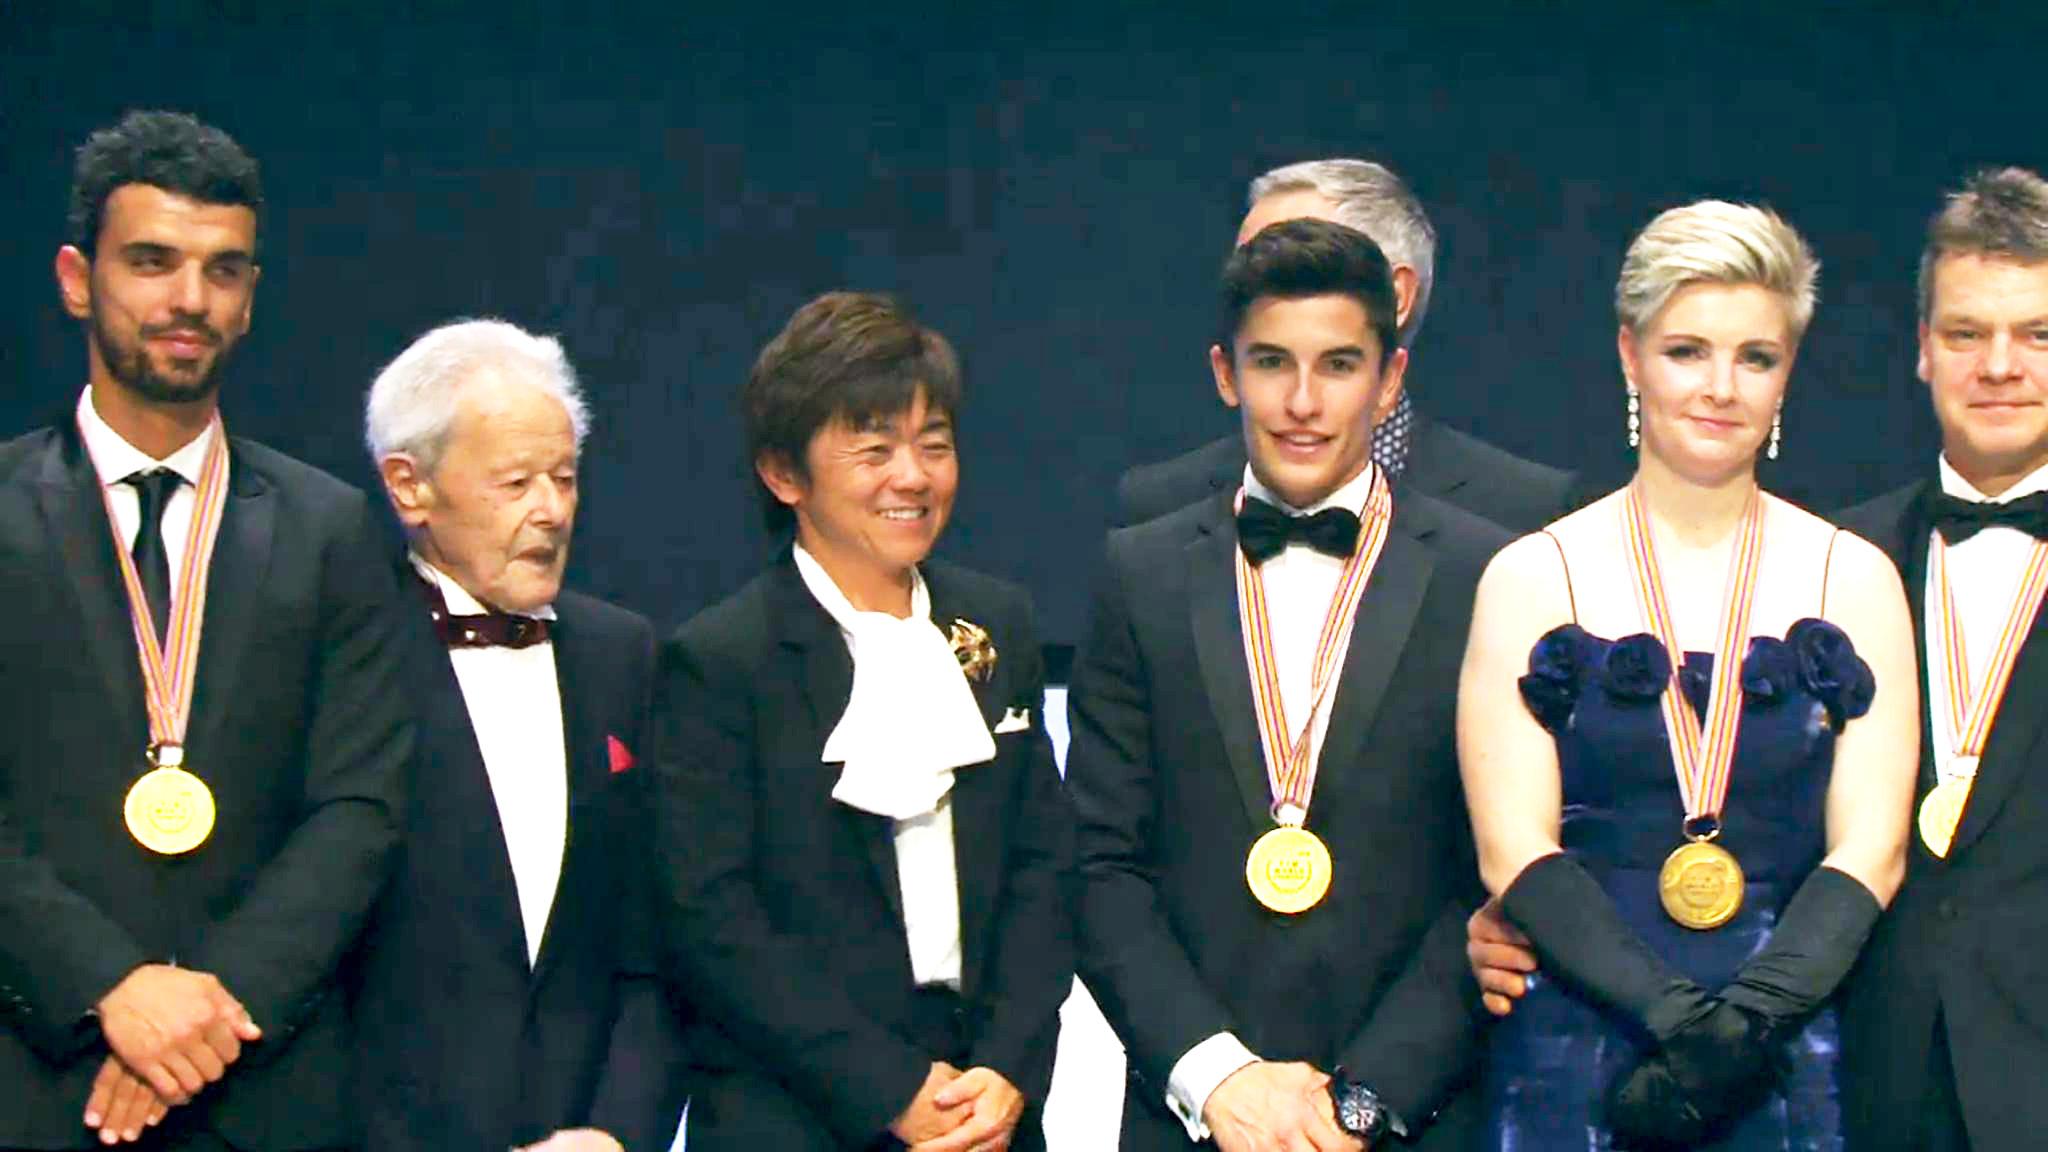 002_FIM_gala ceremony_award_family photo2